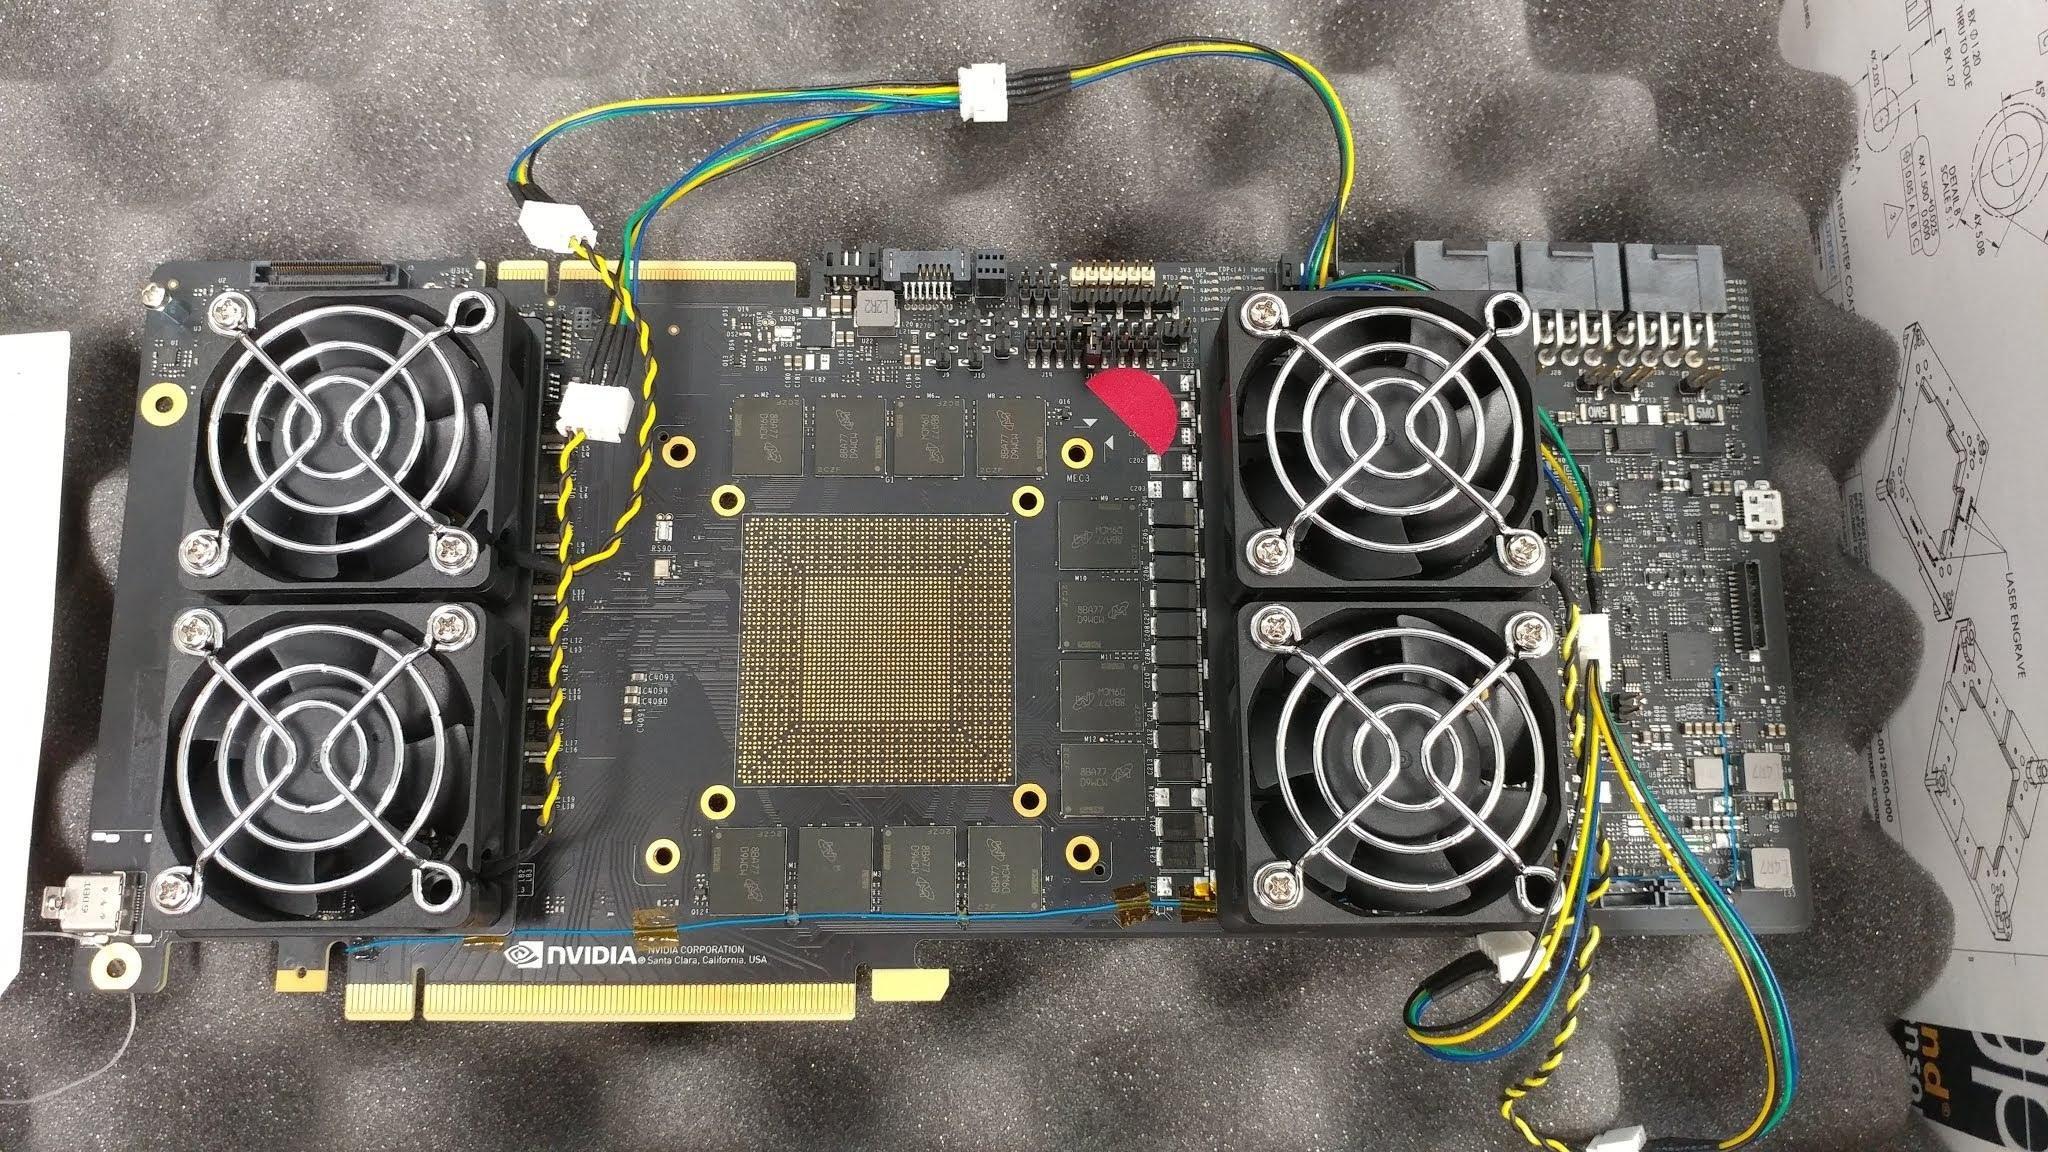 NVIDIA GeForce Next Gen Prototype Board